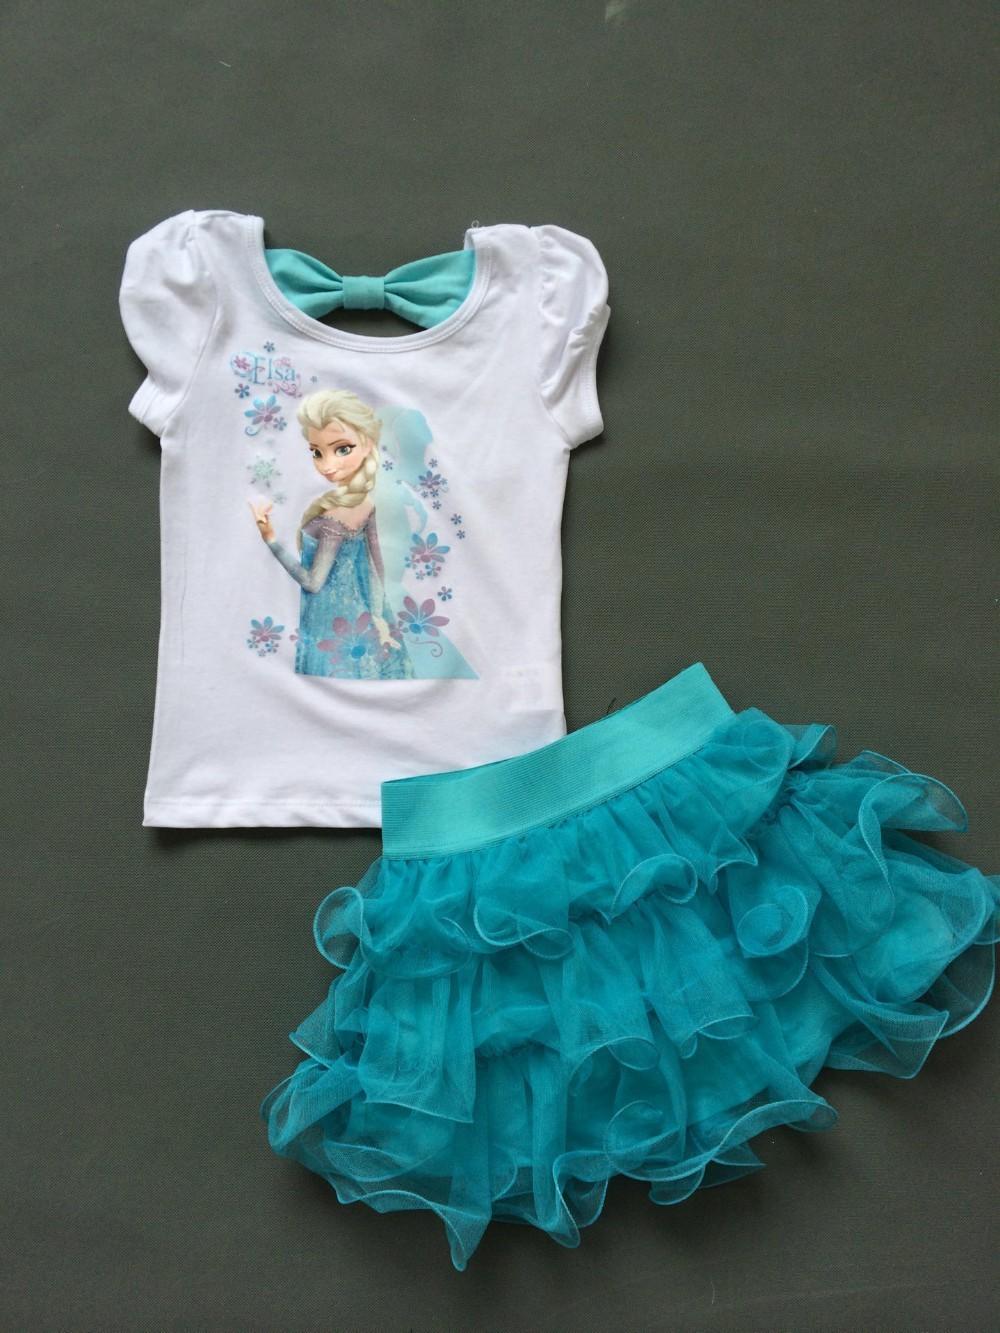 Комплект одежды для девочек 2015 2 + baby AQZ077 комплект одежды для девочек 100% 2015 baby home wear